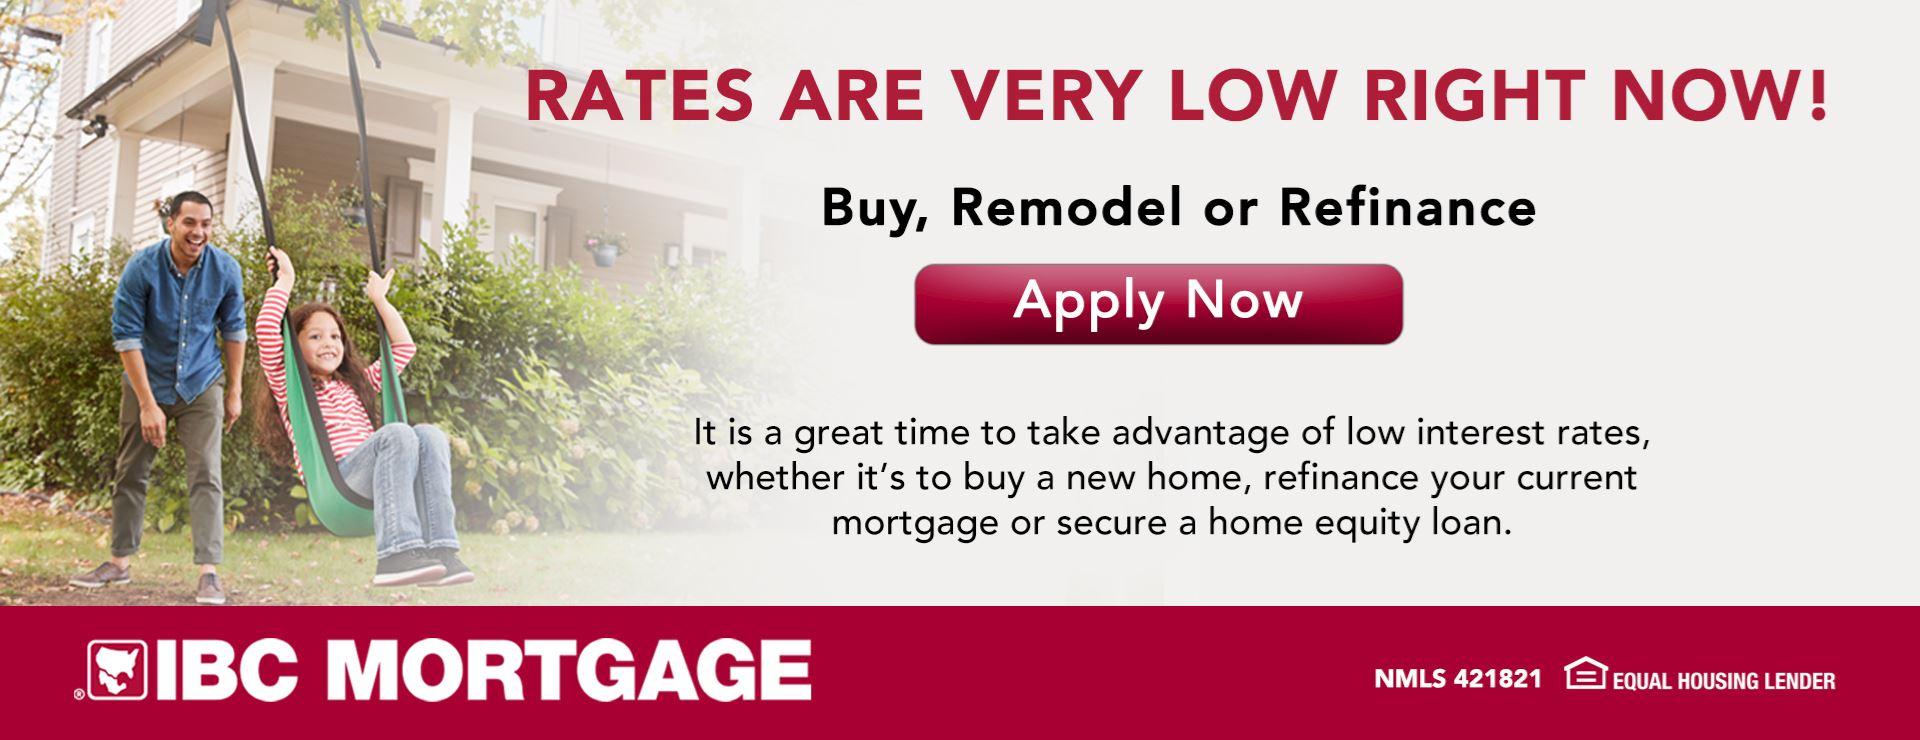 May 2020 - Mortgage